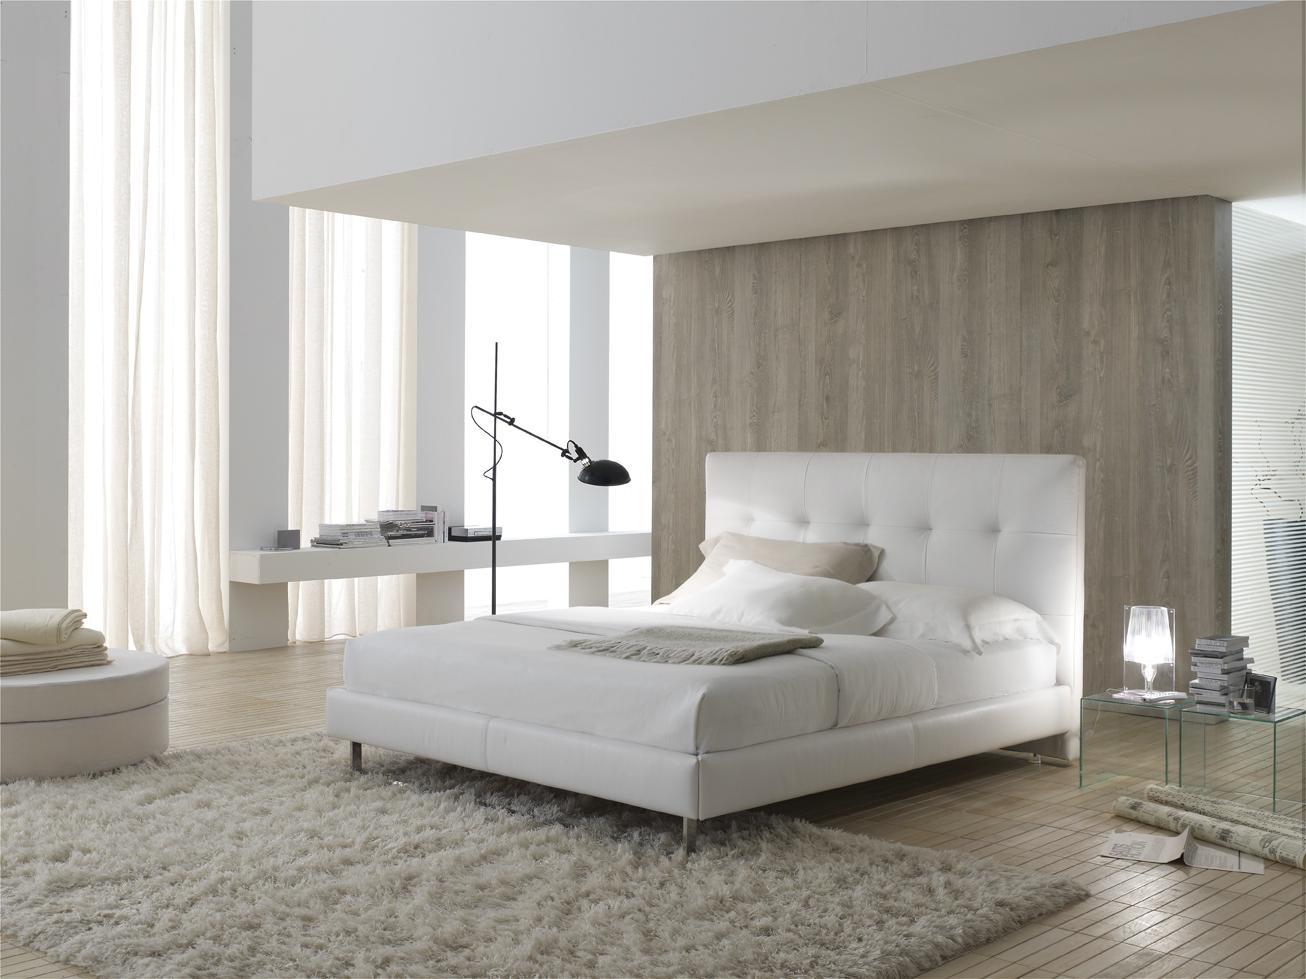 Реечная кровать в интерьере